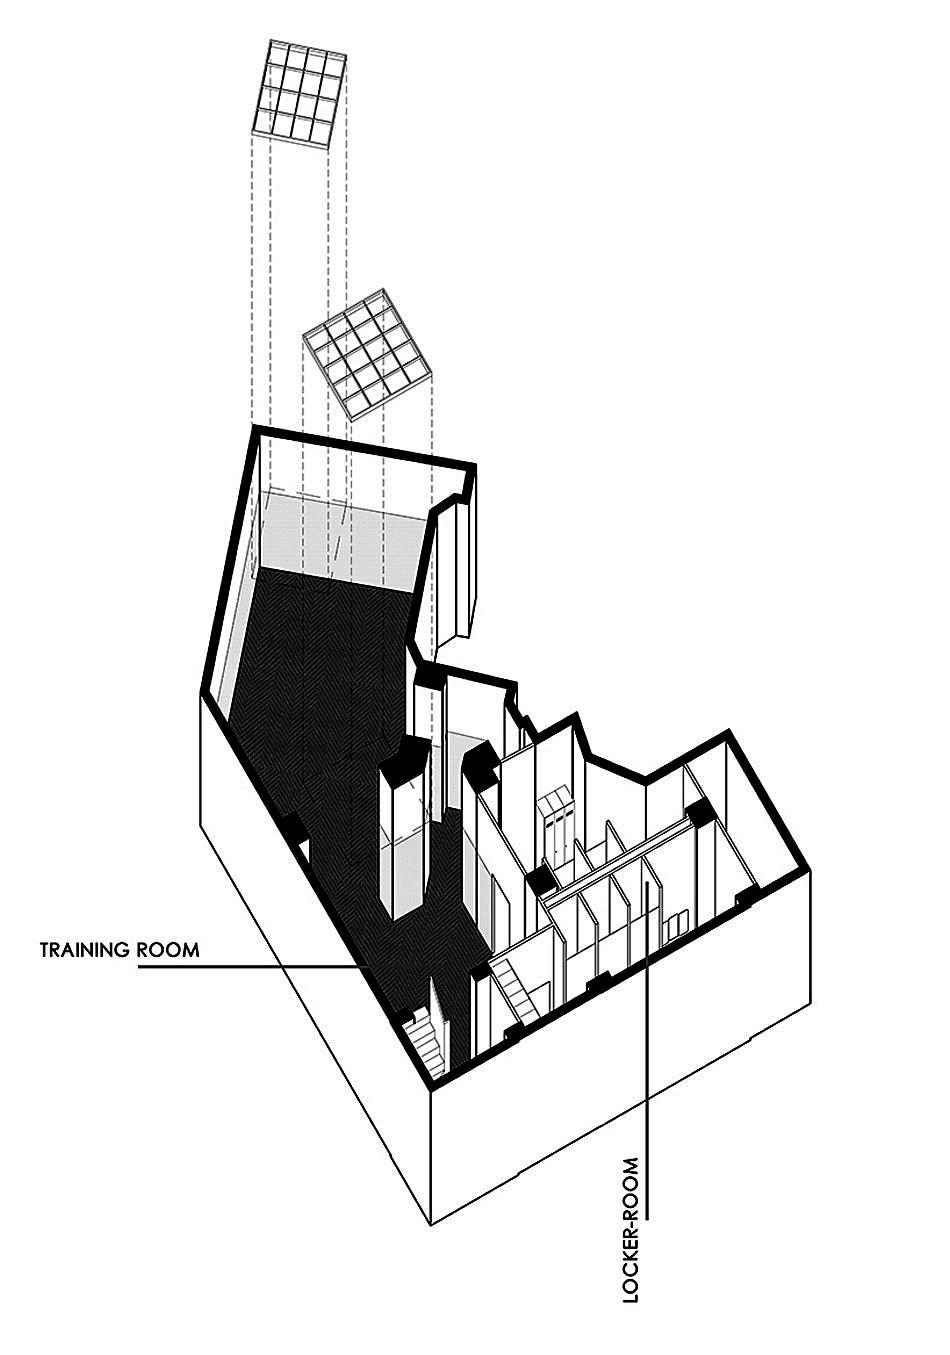 Трехмерная схема тайского бокс-зала La Belle Equipe в Париже